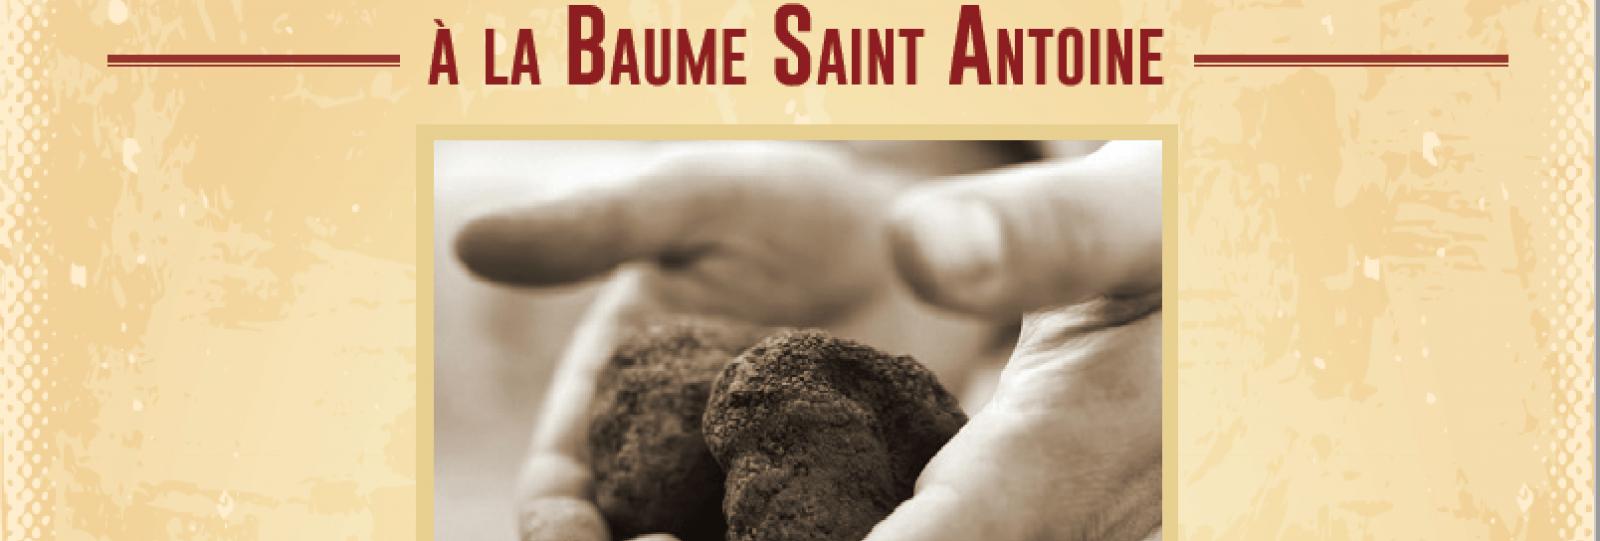 La Baume St Antoine - Romans